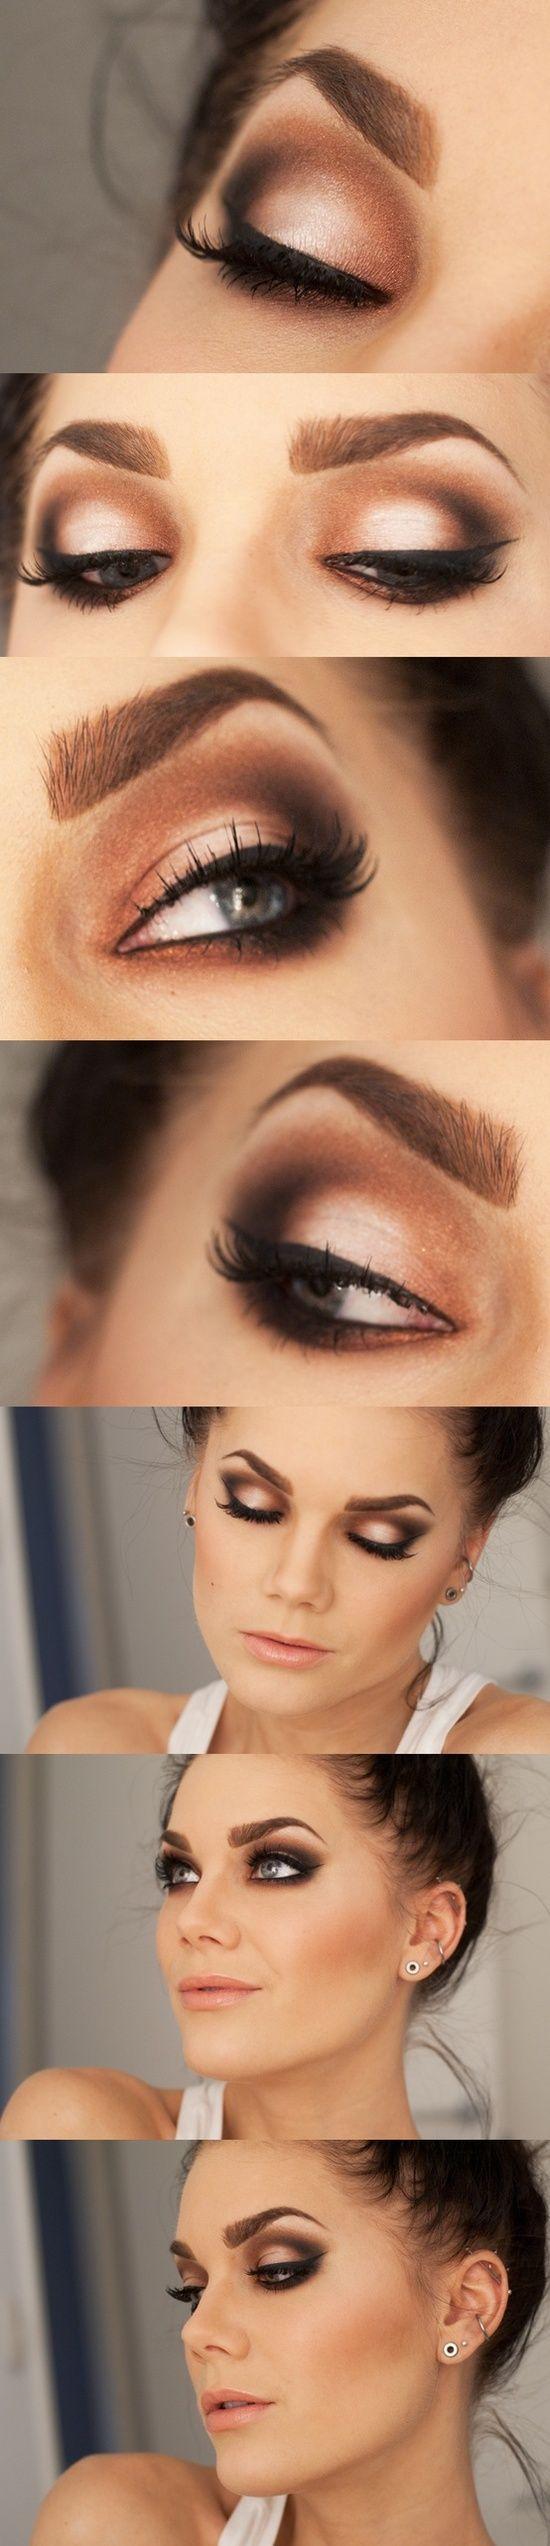 Mooie manieren van make-up opbrengen.